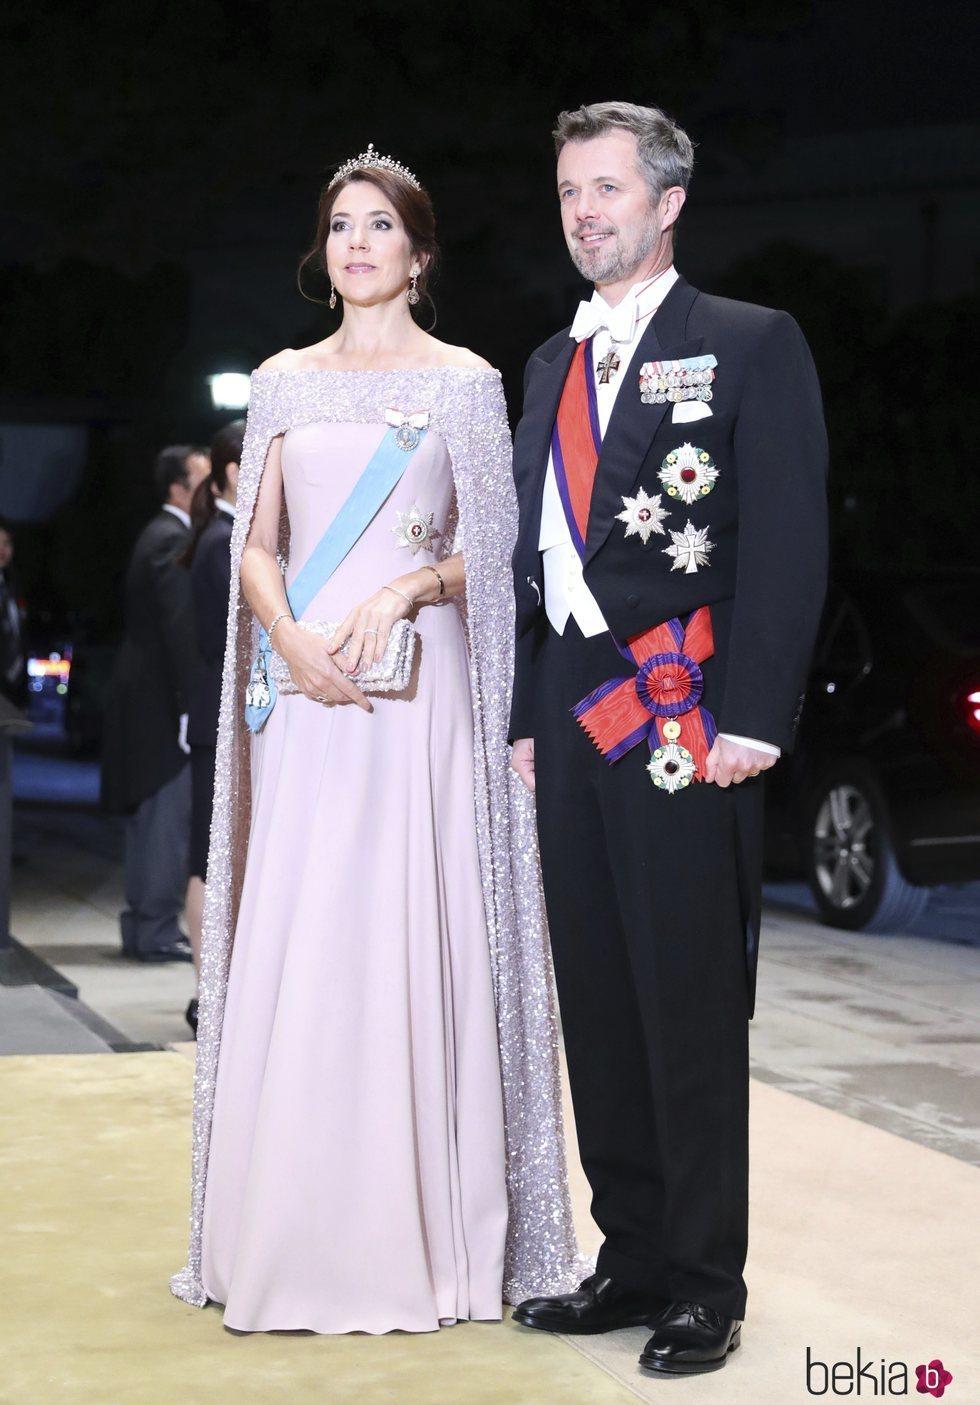 Federico y Mary en la cena por la entronización de Naruhito de Japón